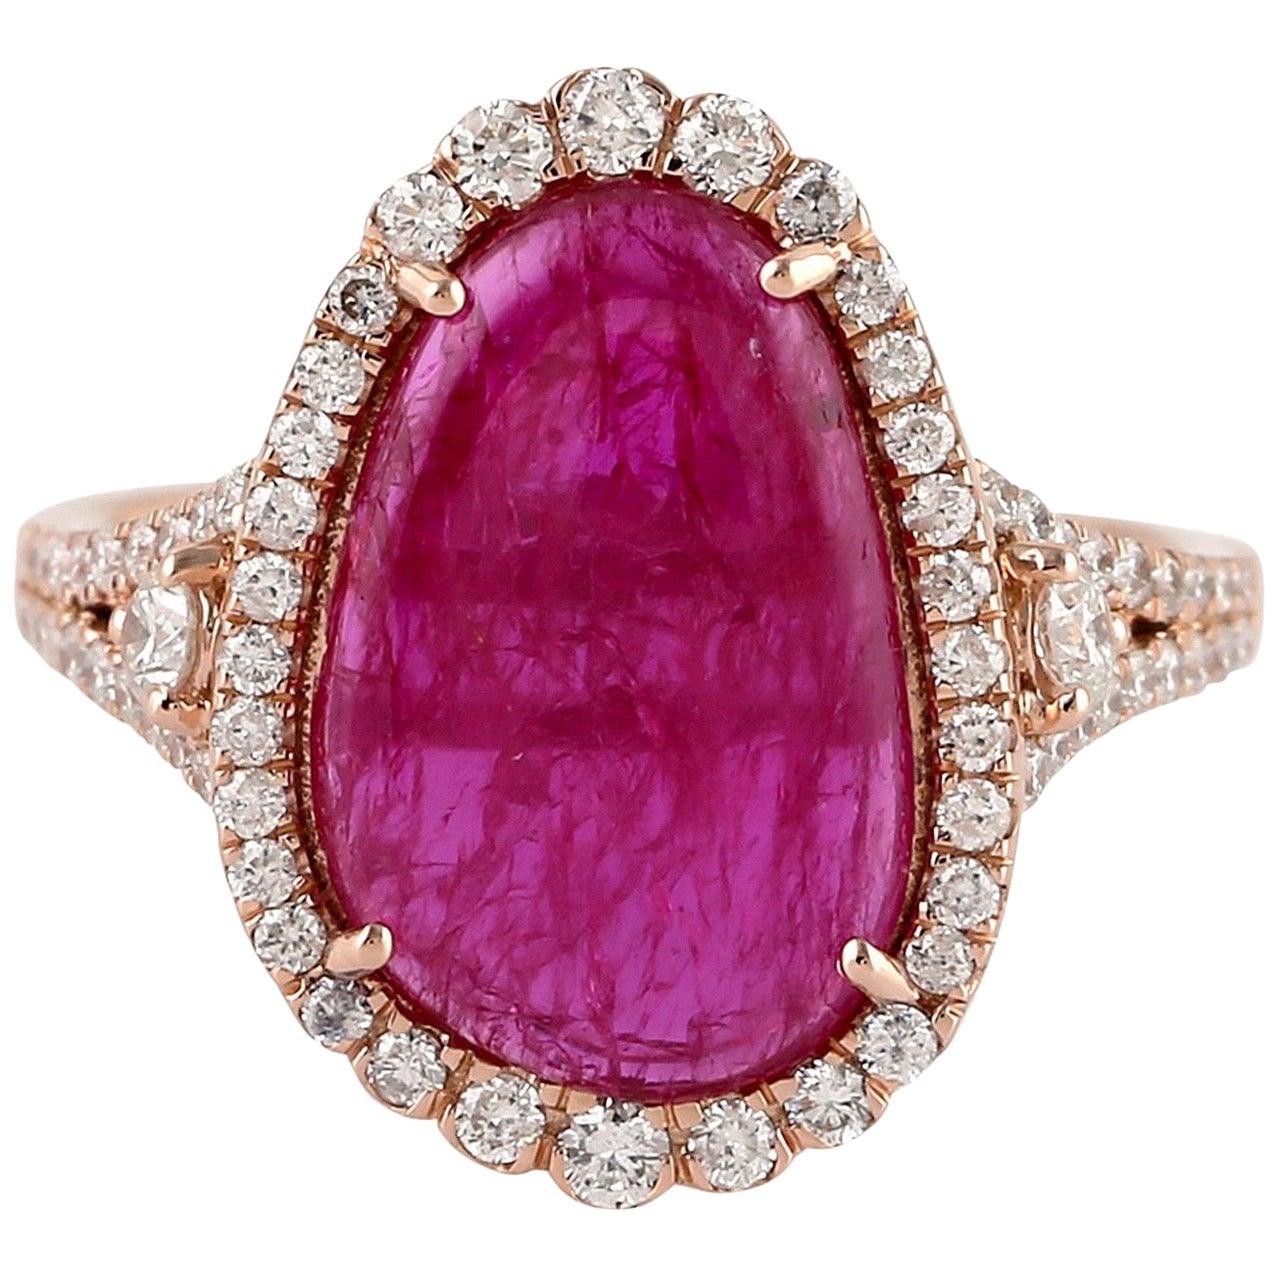 6.83 Carat Ruby Diamond Ring 18 Karat Yellow Gold